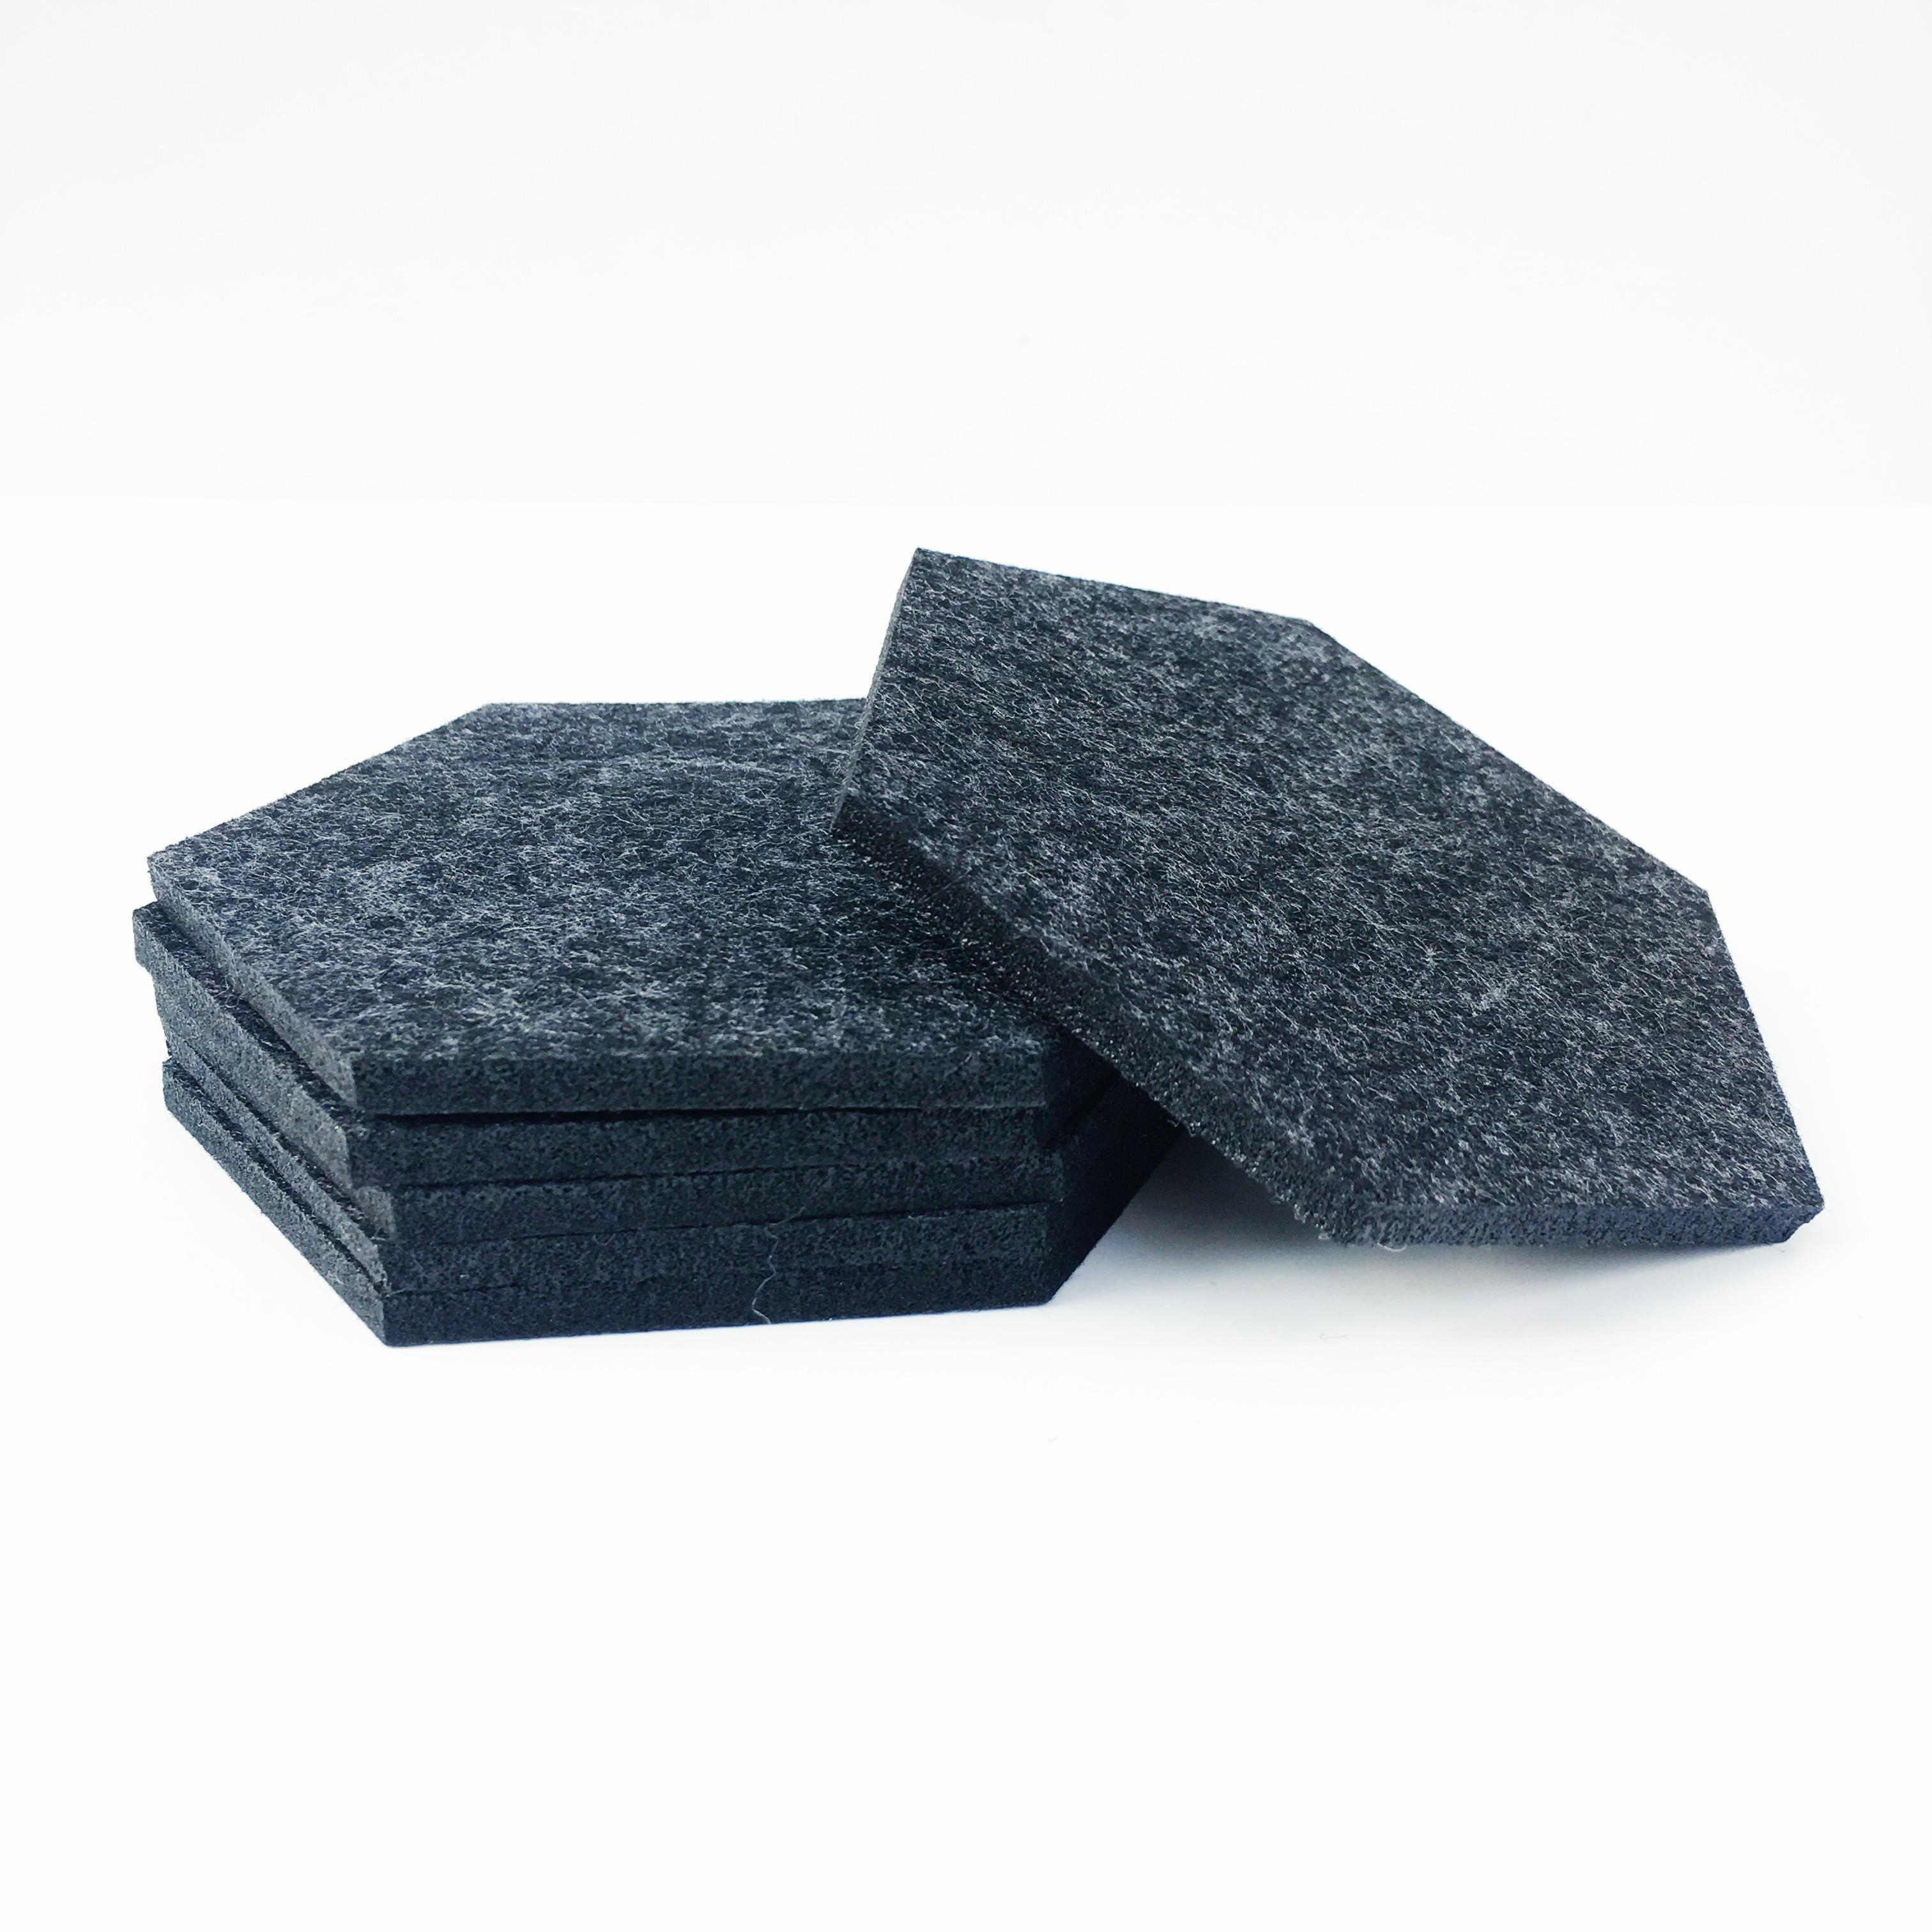 dark gray felt coasters COAS02k